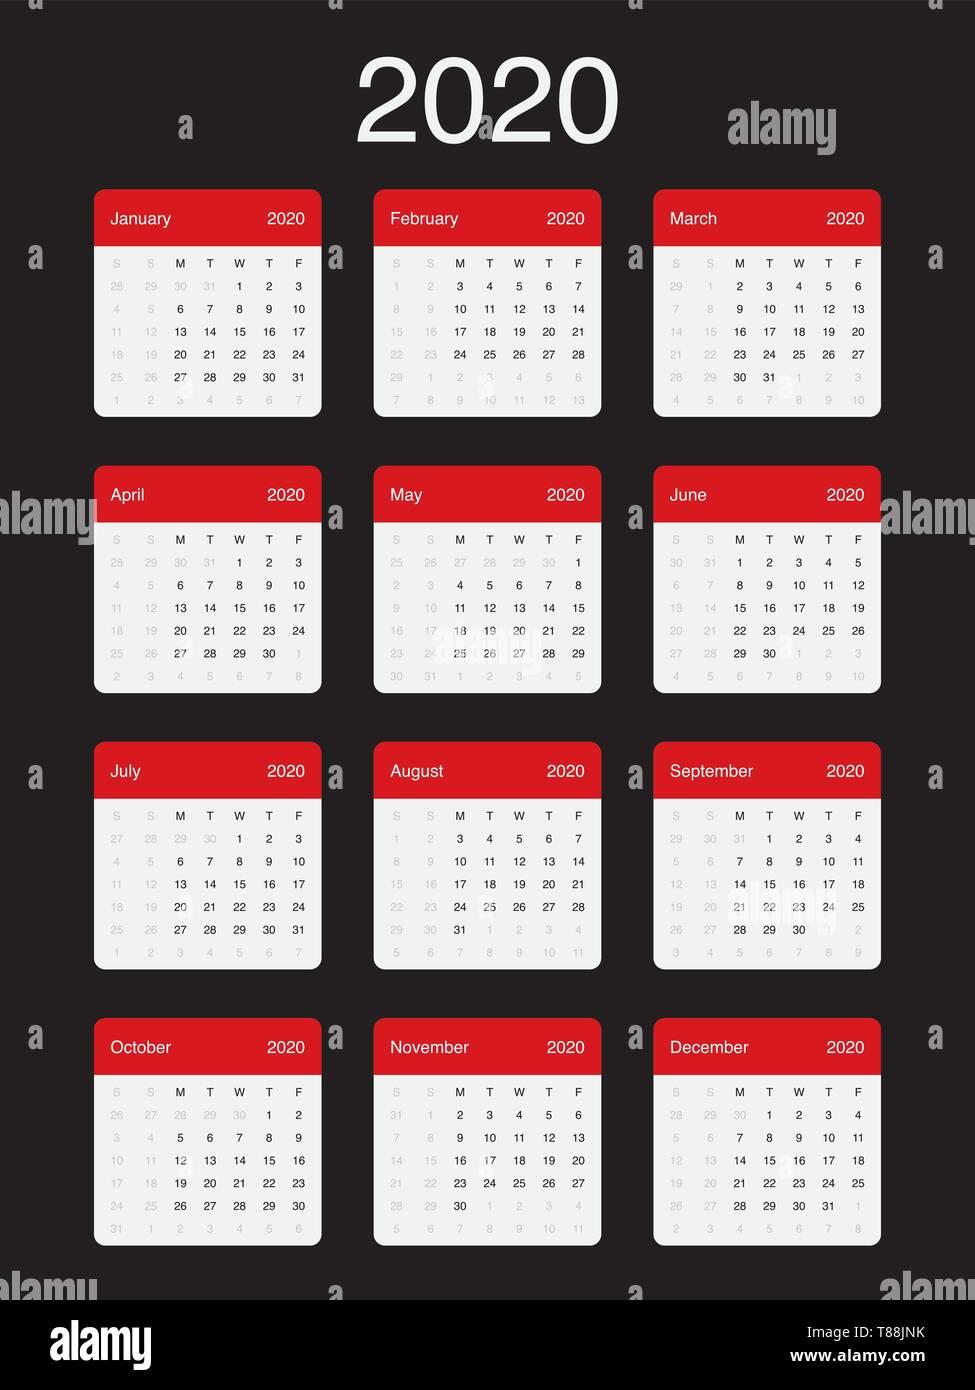 Settimane Calendario 2020.Calendario 2020 Pulire Il Minimo Vettore Semplice Design Con